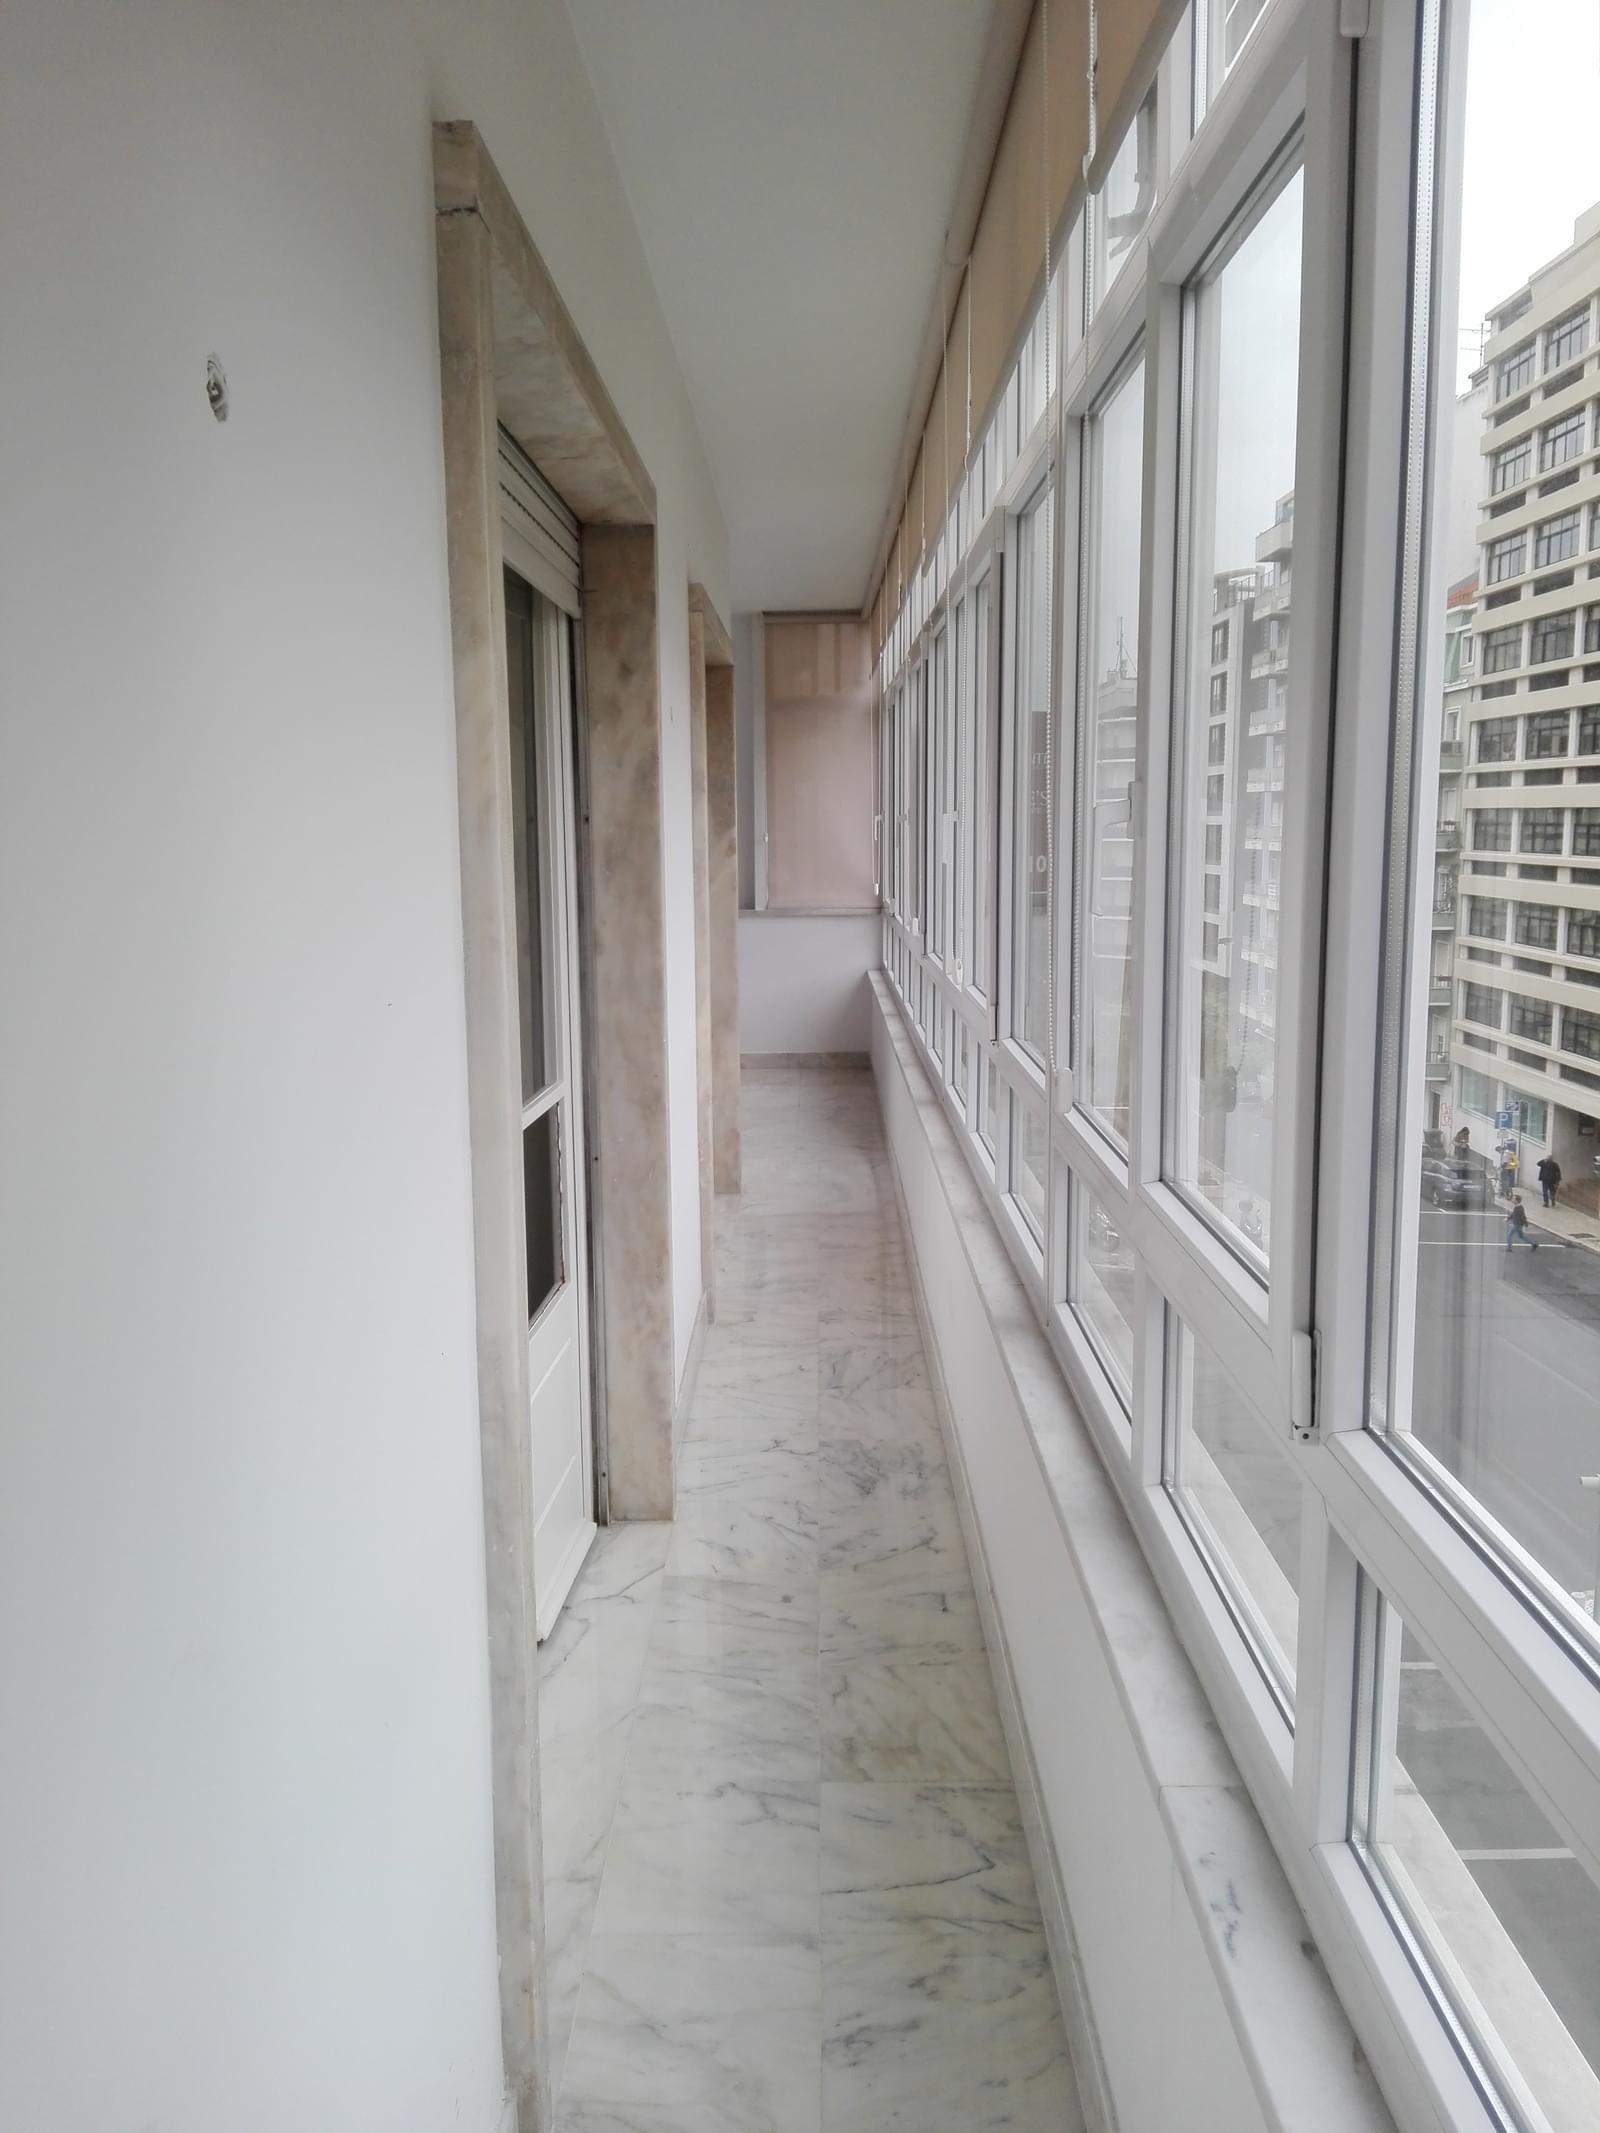 pf17056-apartamento-t4-1-lisboa-8032429a-fc9a-4a15-a070-8a44f887fa2a